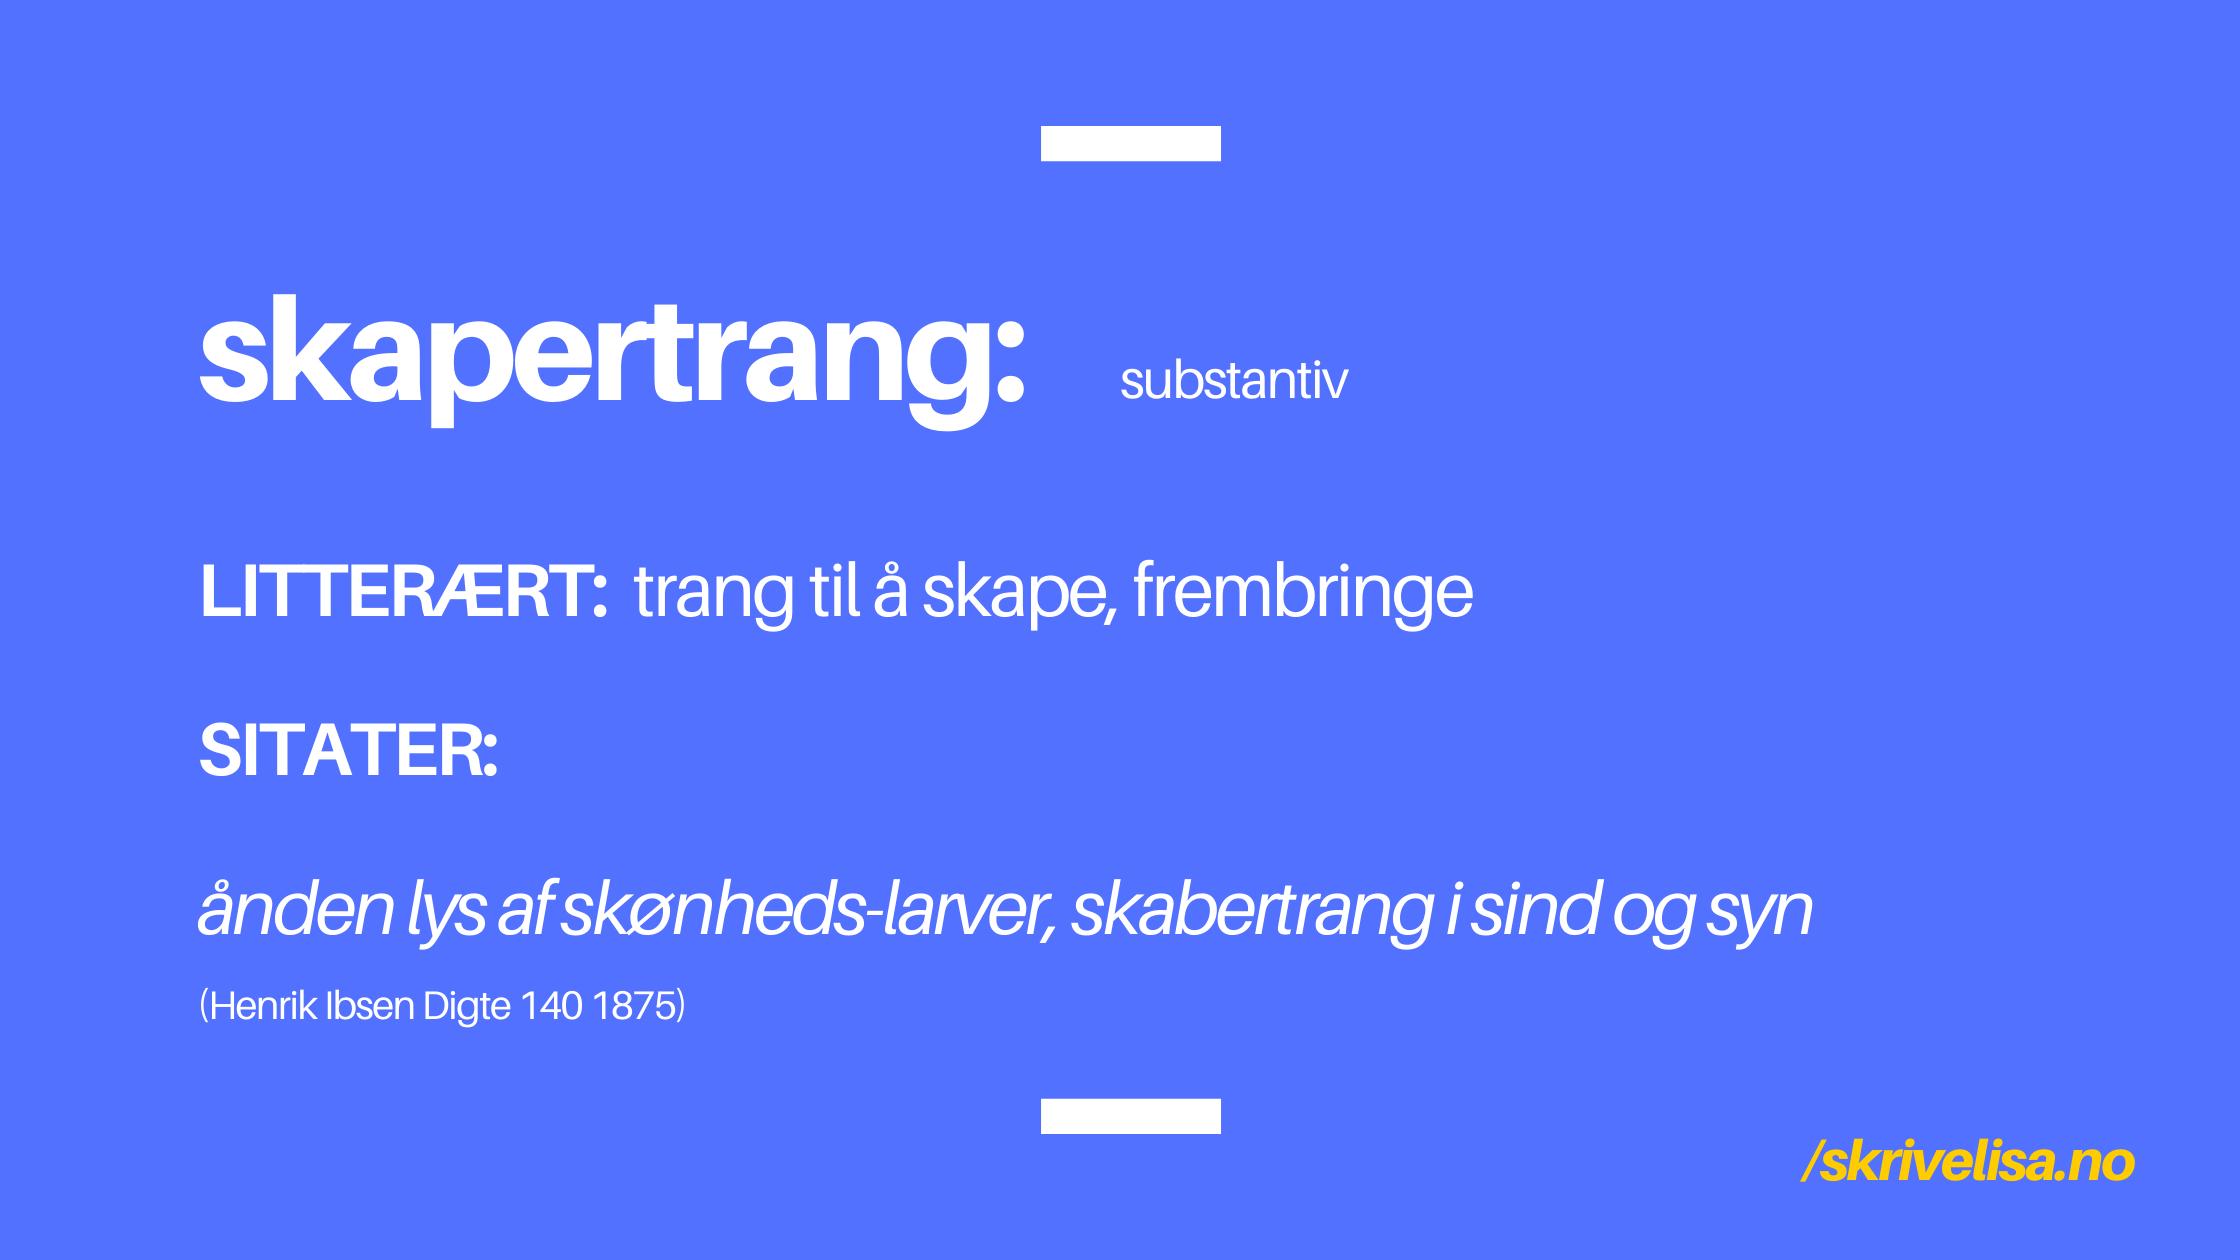 skapertrang-substantiv